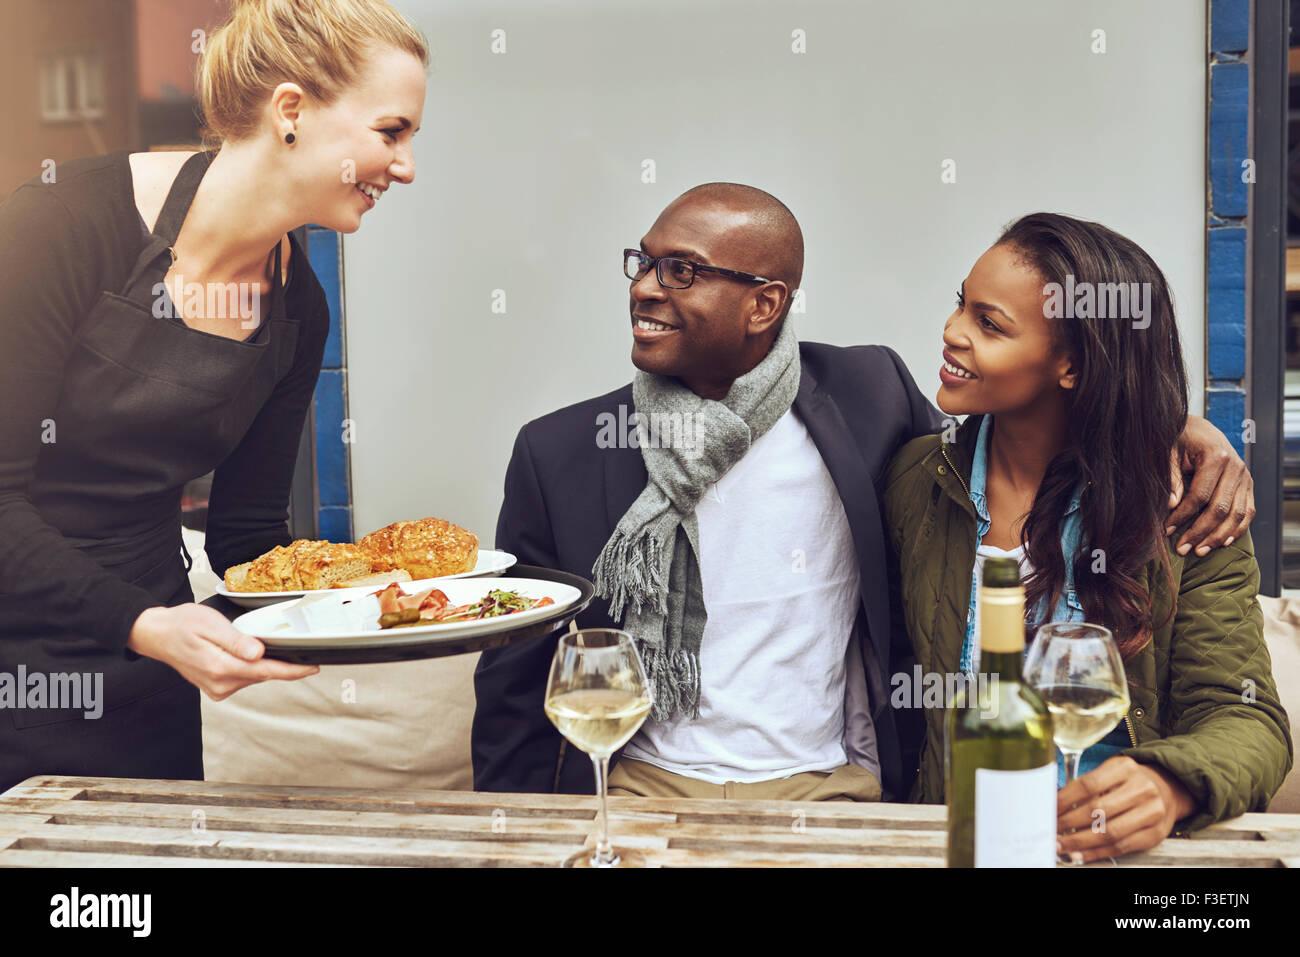 Lächelnd, glücklich junge kaukasischen Kellnerin eine liebevolle afrikanische amerikanische paar Abendessen Stockbild